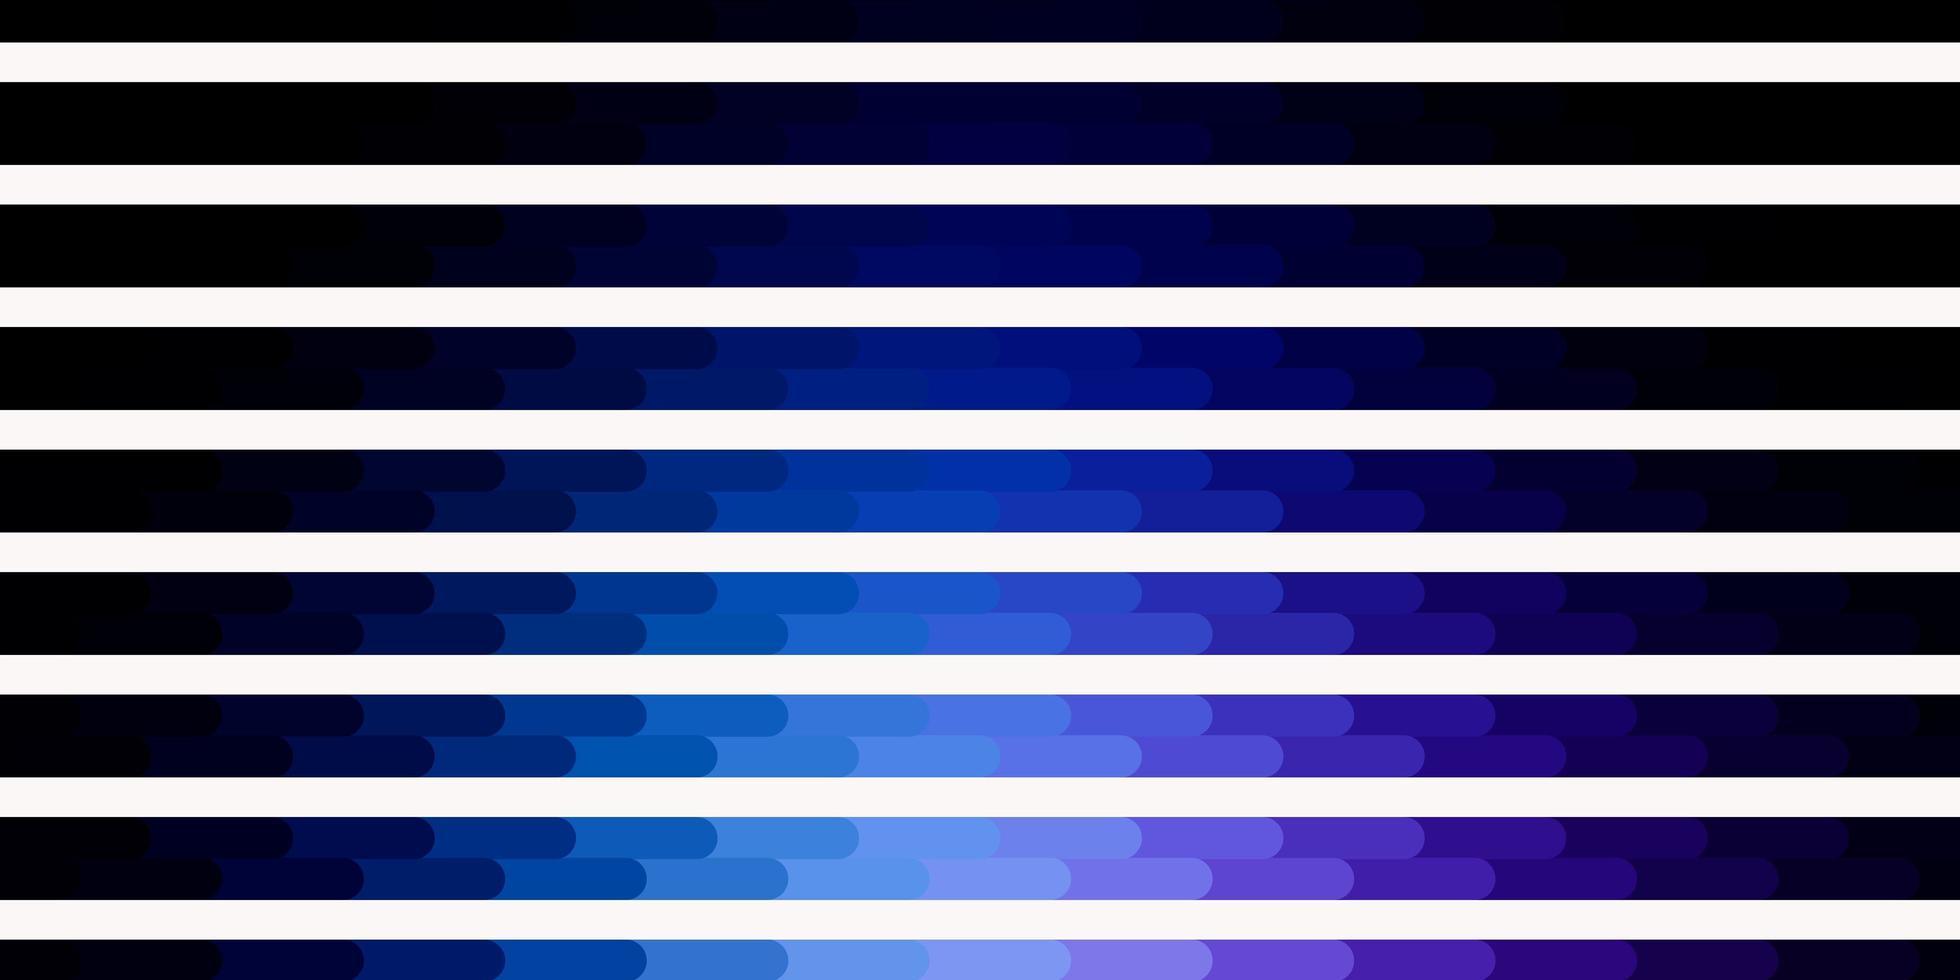 donkerroze, blauw vectorpatroon met lijnen. vector